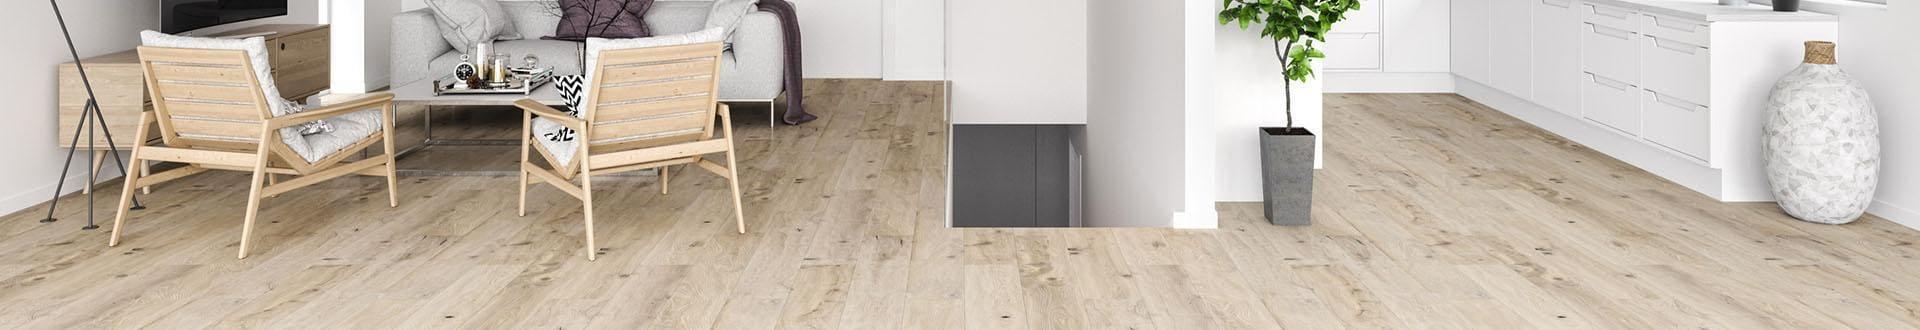 Drewniana podłoga na której stoją meble